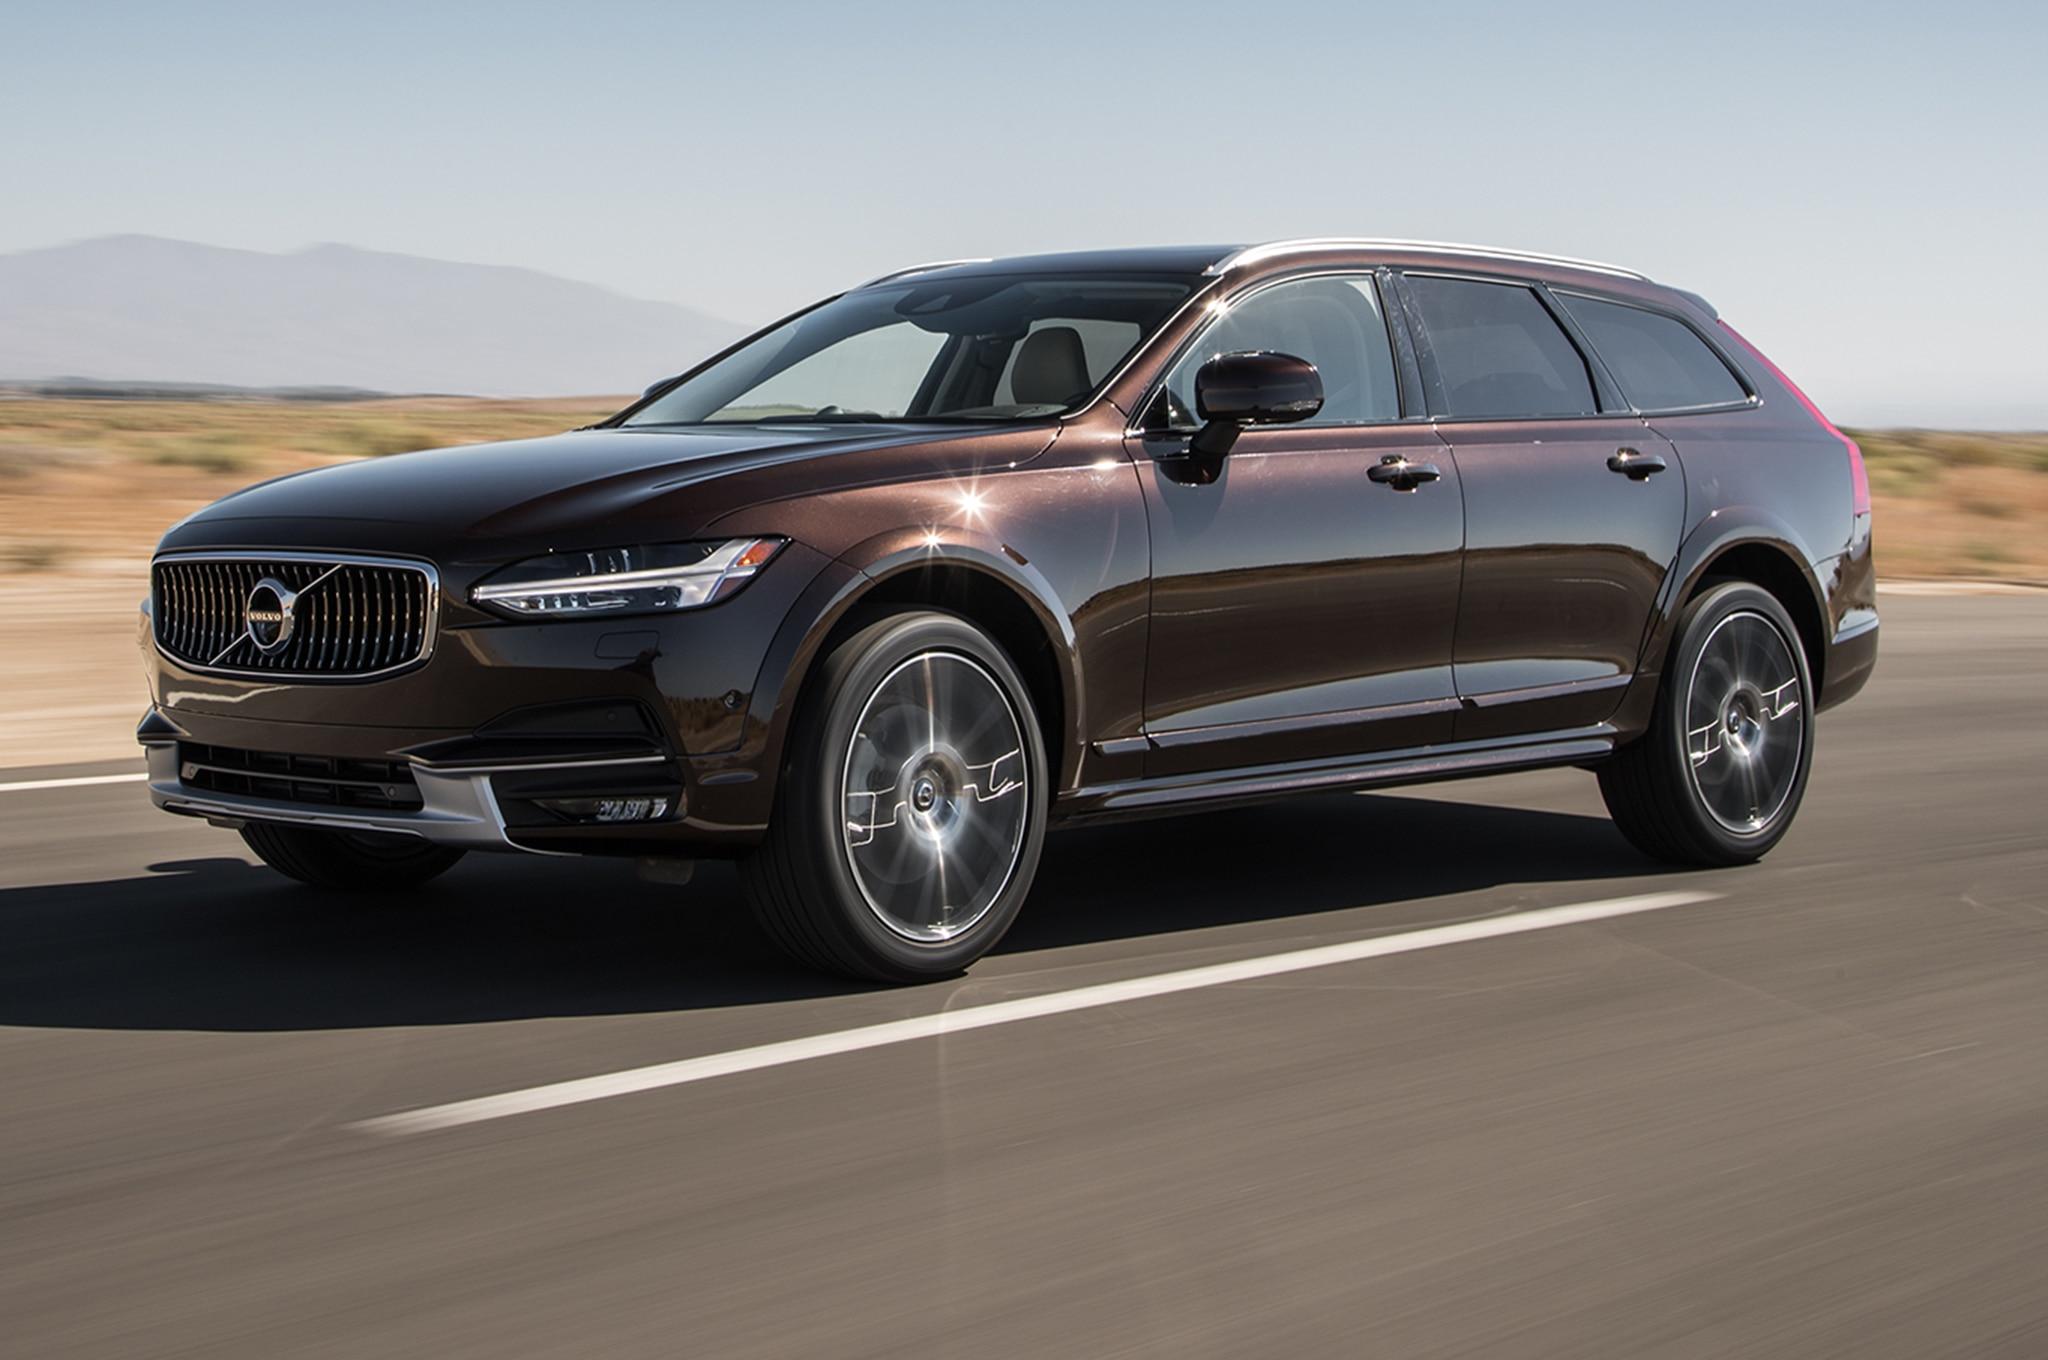 2017 Volvo V90 Front Side In Motion 00